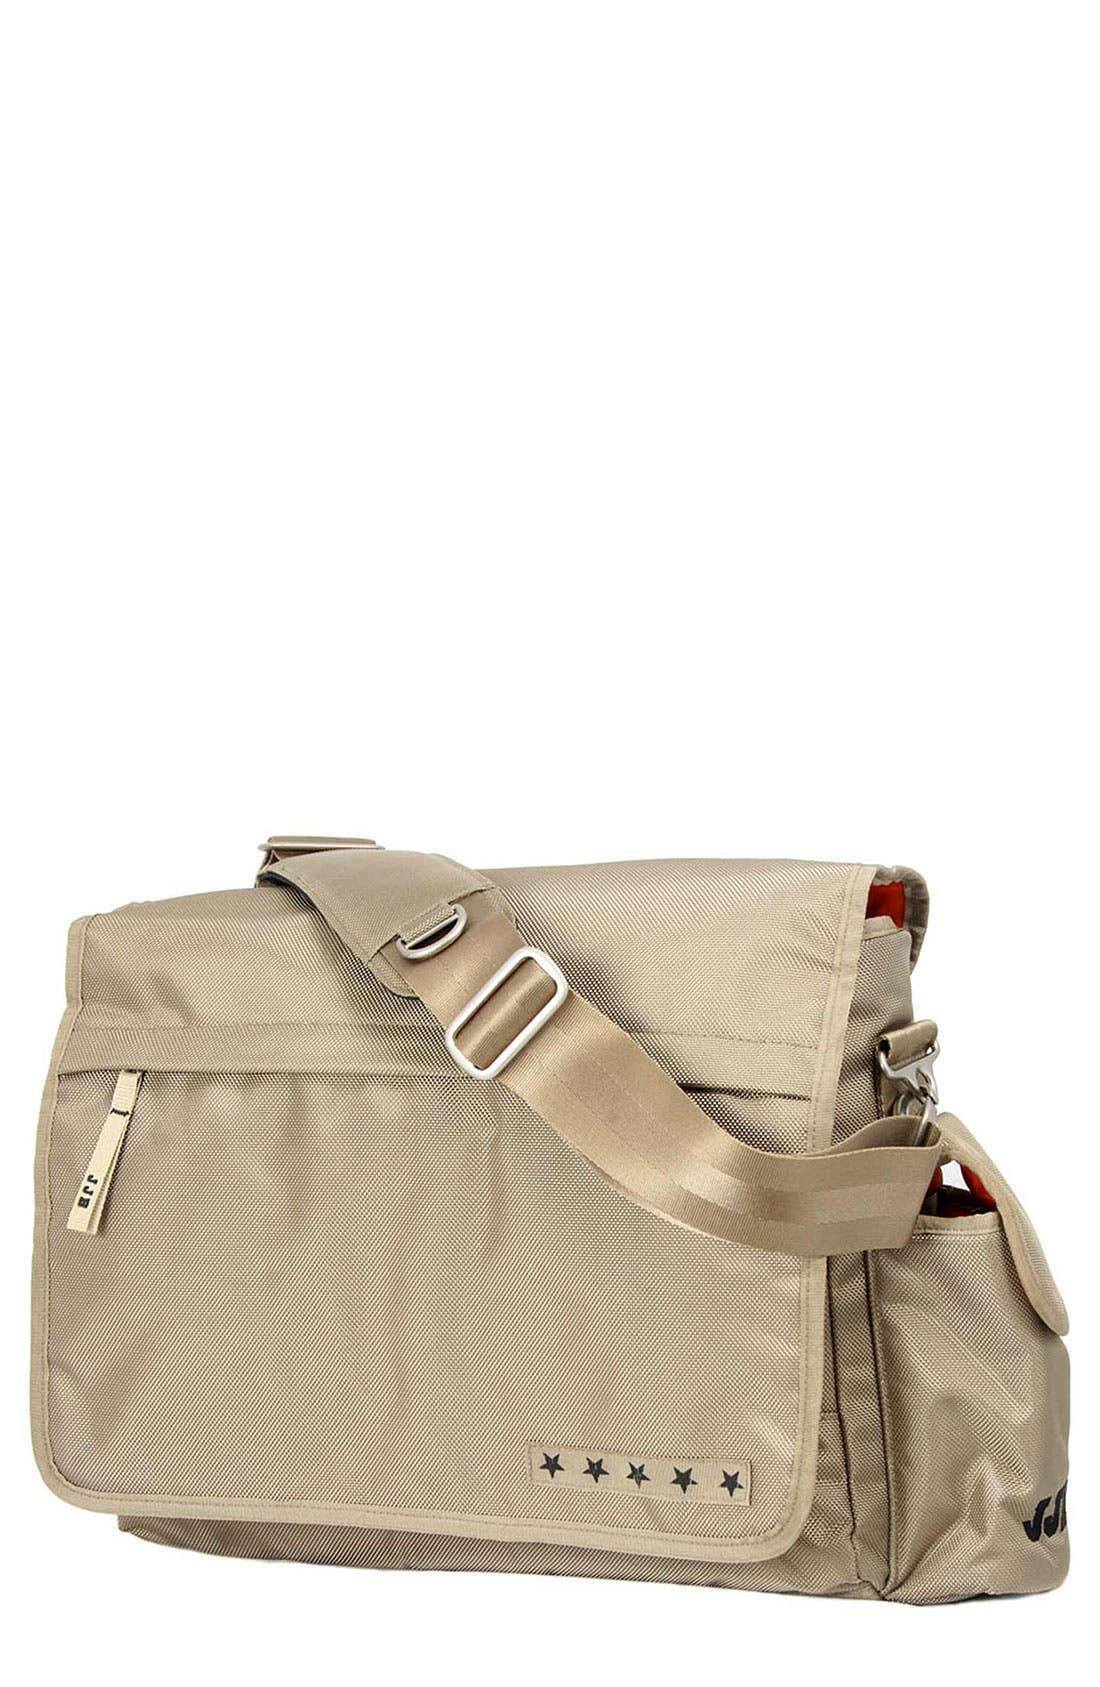 Main Image - Ju-Ju-Be Diaper Messenger Bag